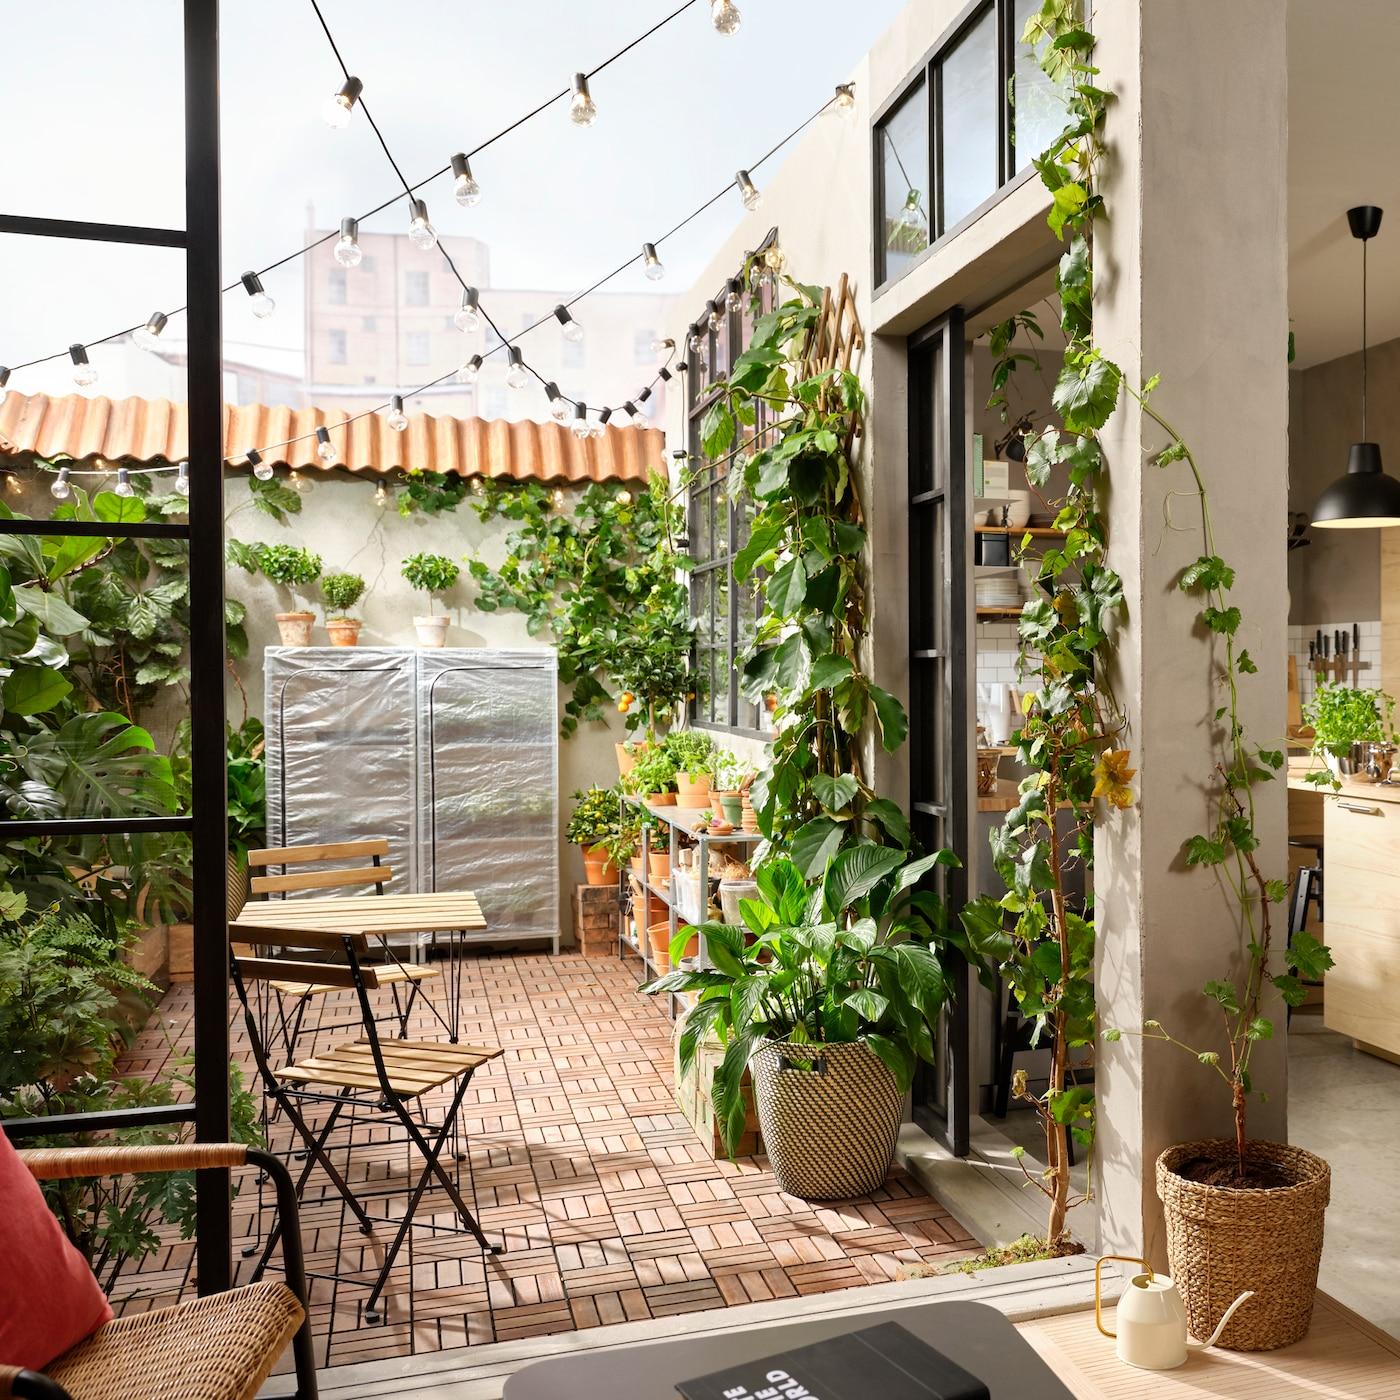 Terrasse avec caillebotis bois, plantes vertes à profusion, guirlandes lumineuses, table d'extérieur et ses deux chaises.